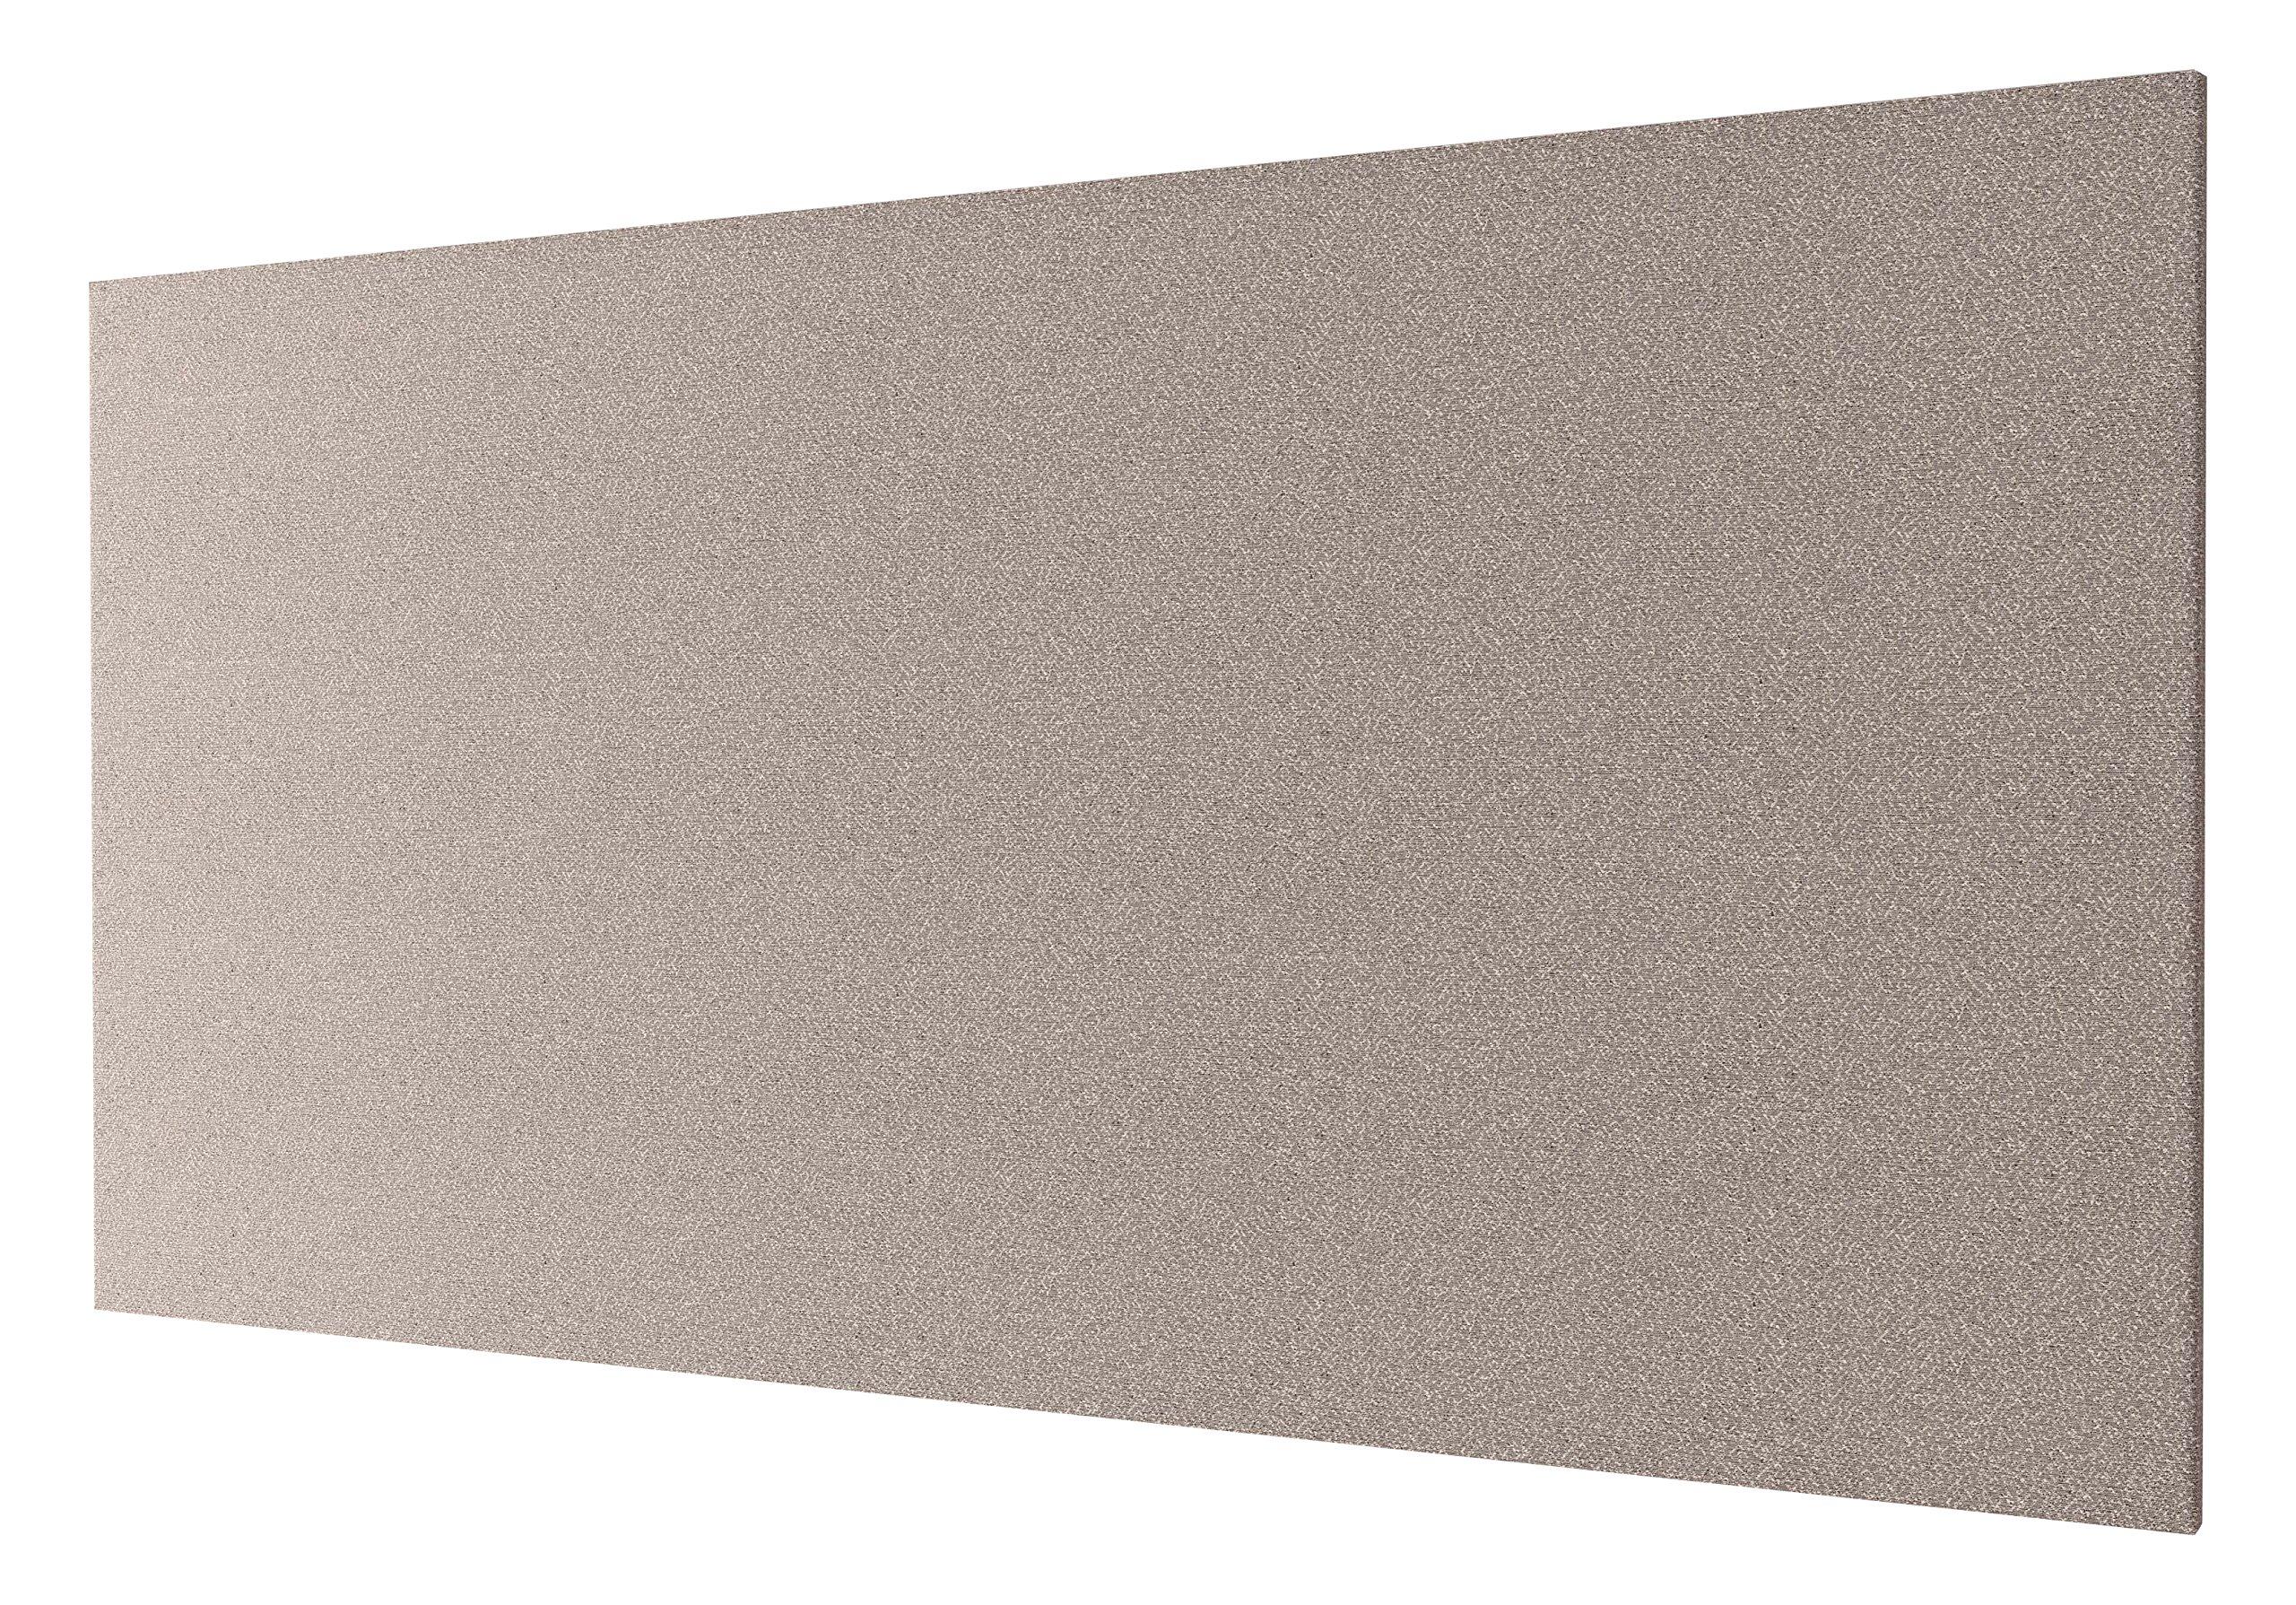 OBEX 30X60-TB-R-FI Rectangle Tackboard Contemporary Field